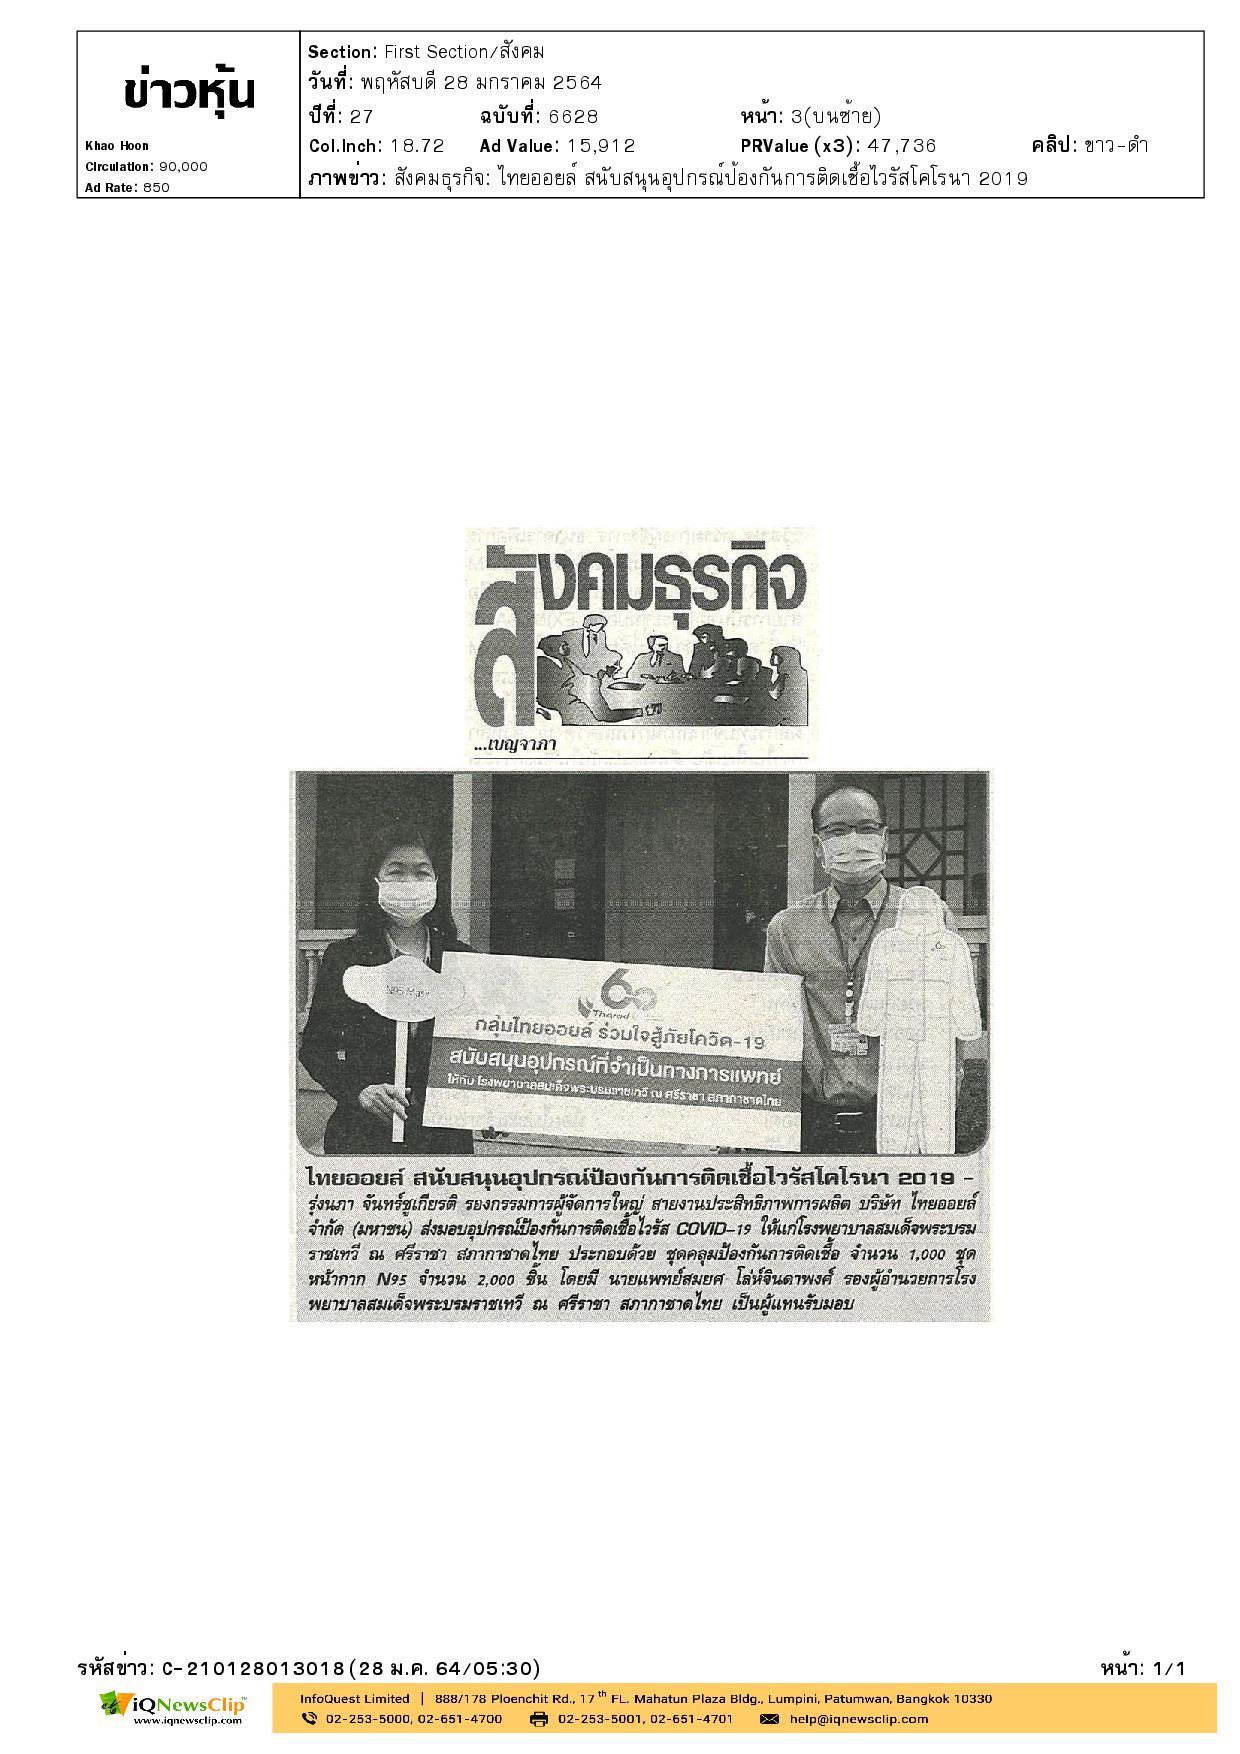 ส่งมอบอุปกรณ์ป้องกันการติดเชื้อโรคโควิด-19 ให้แก่ รพ.สมเด็จฯ